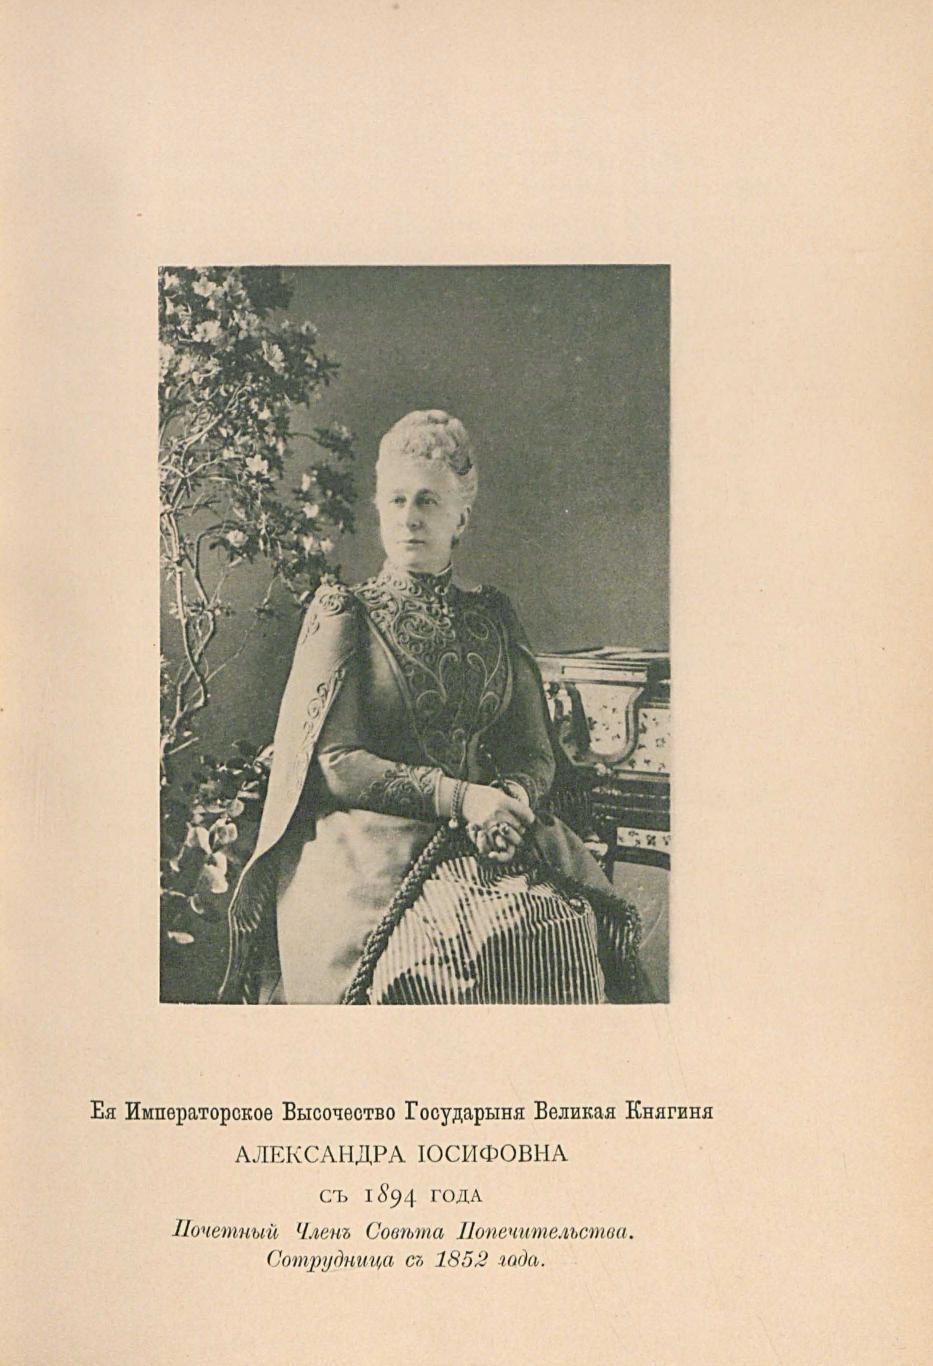 Её Императорское Высочество Государыня Великая Княгиня Александра Иосифовна